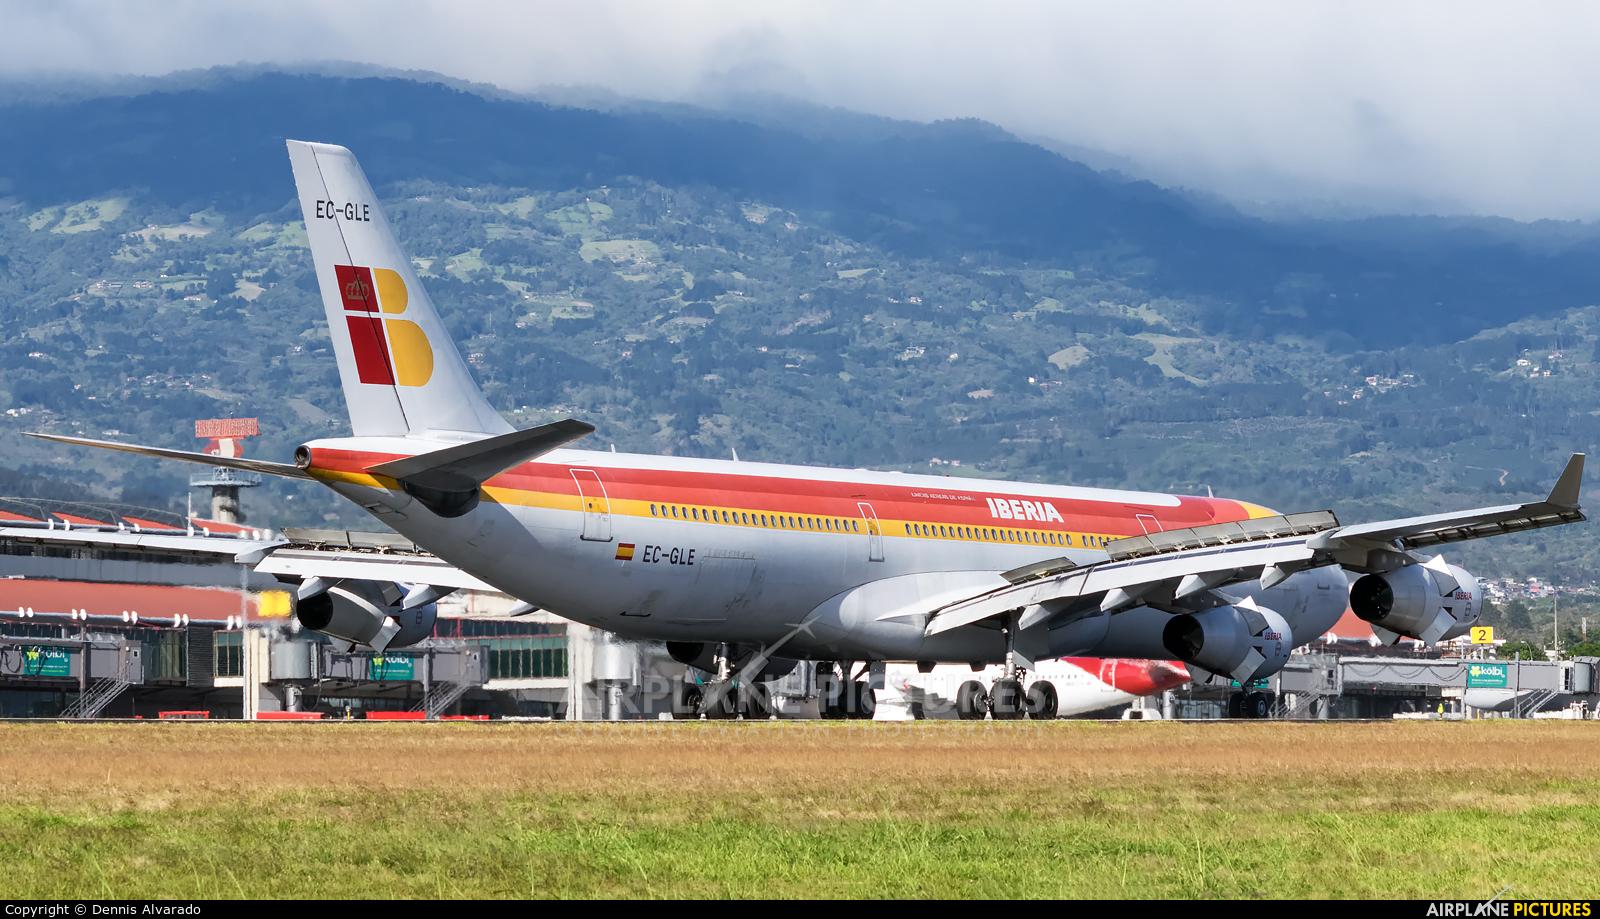 Iberia EC-GLE aircraft at San Jose - Juan Santamaría Intl